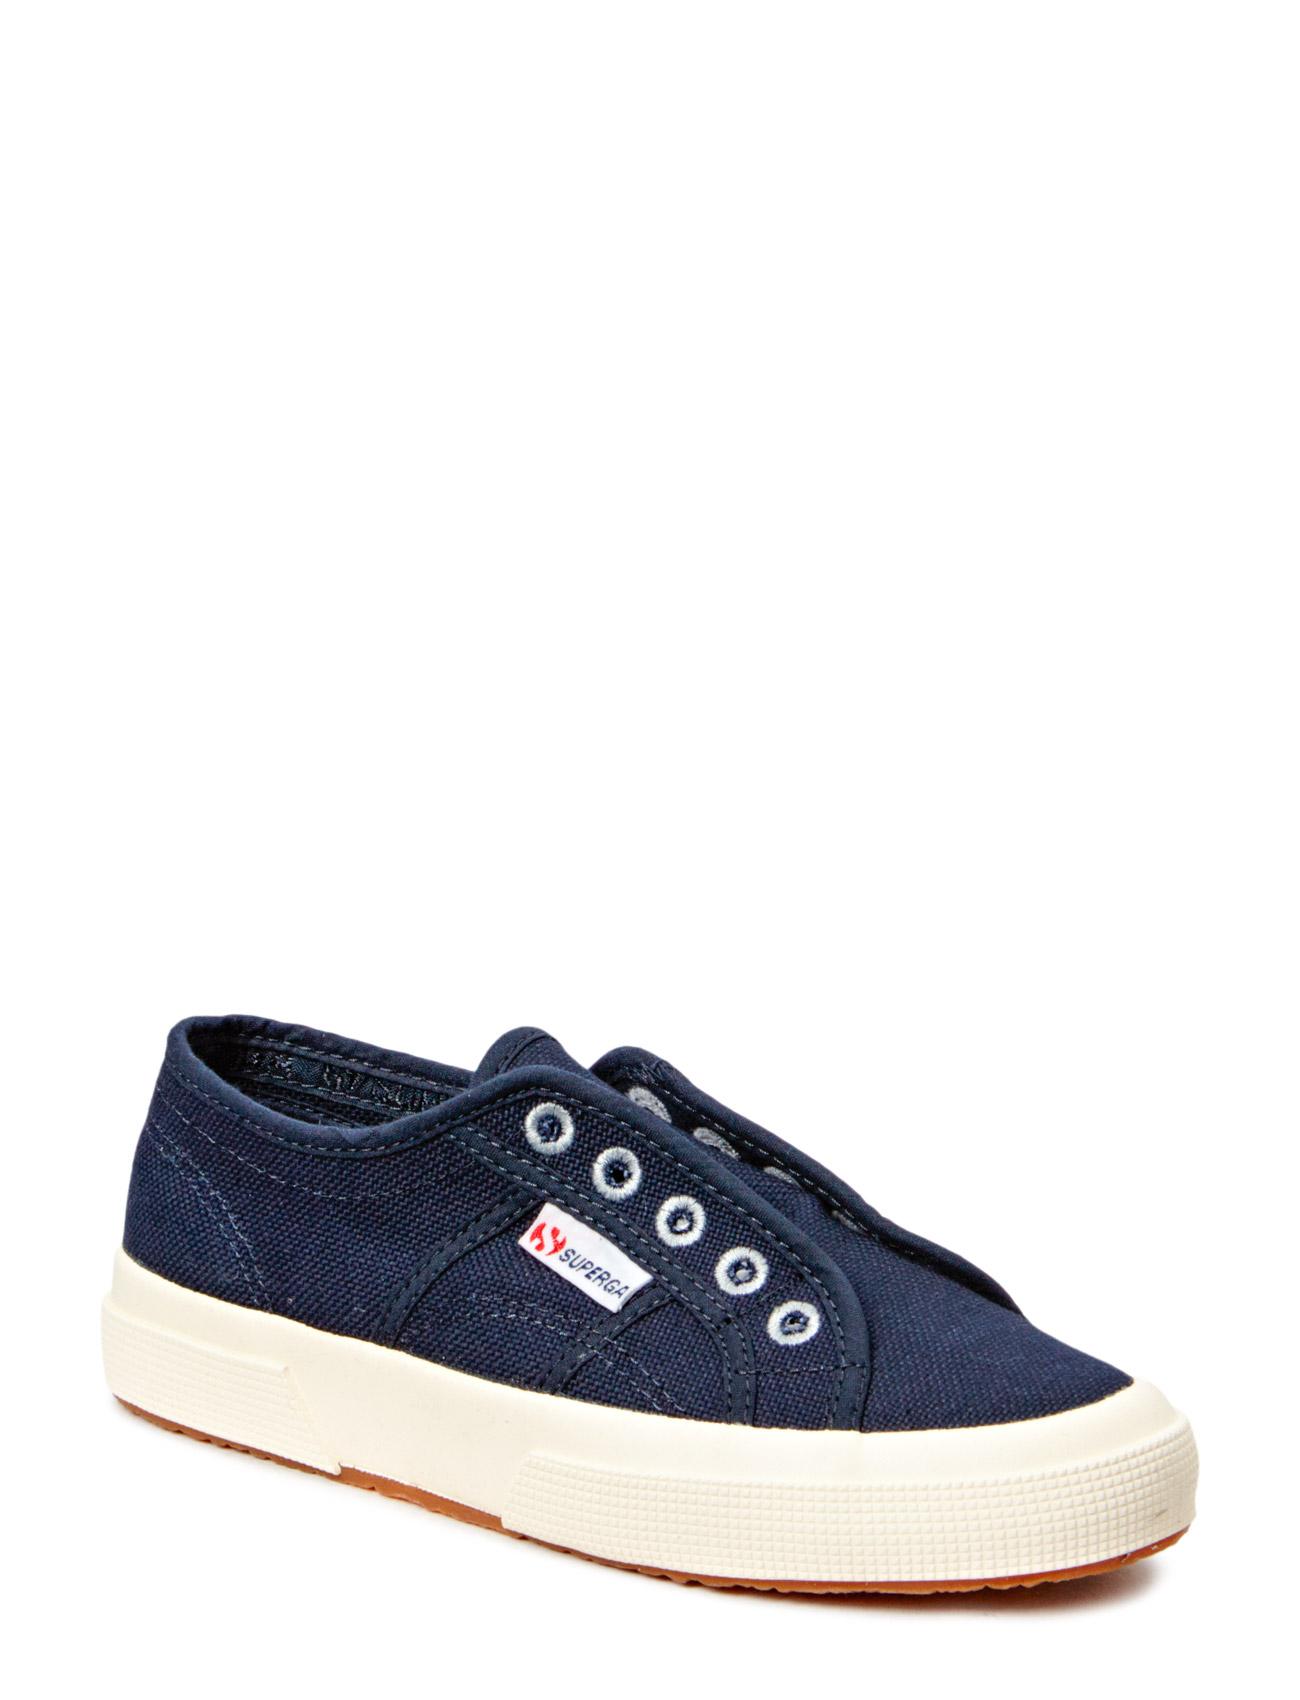 2750 Cotu Slipon Superga Sneakers til Damer i Navy blå